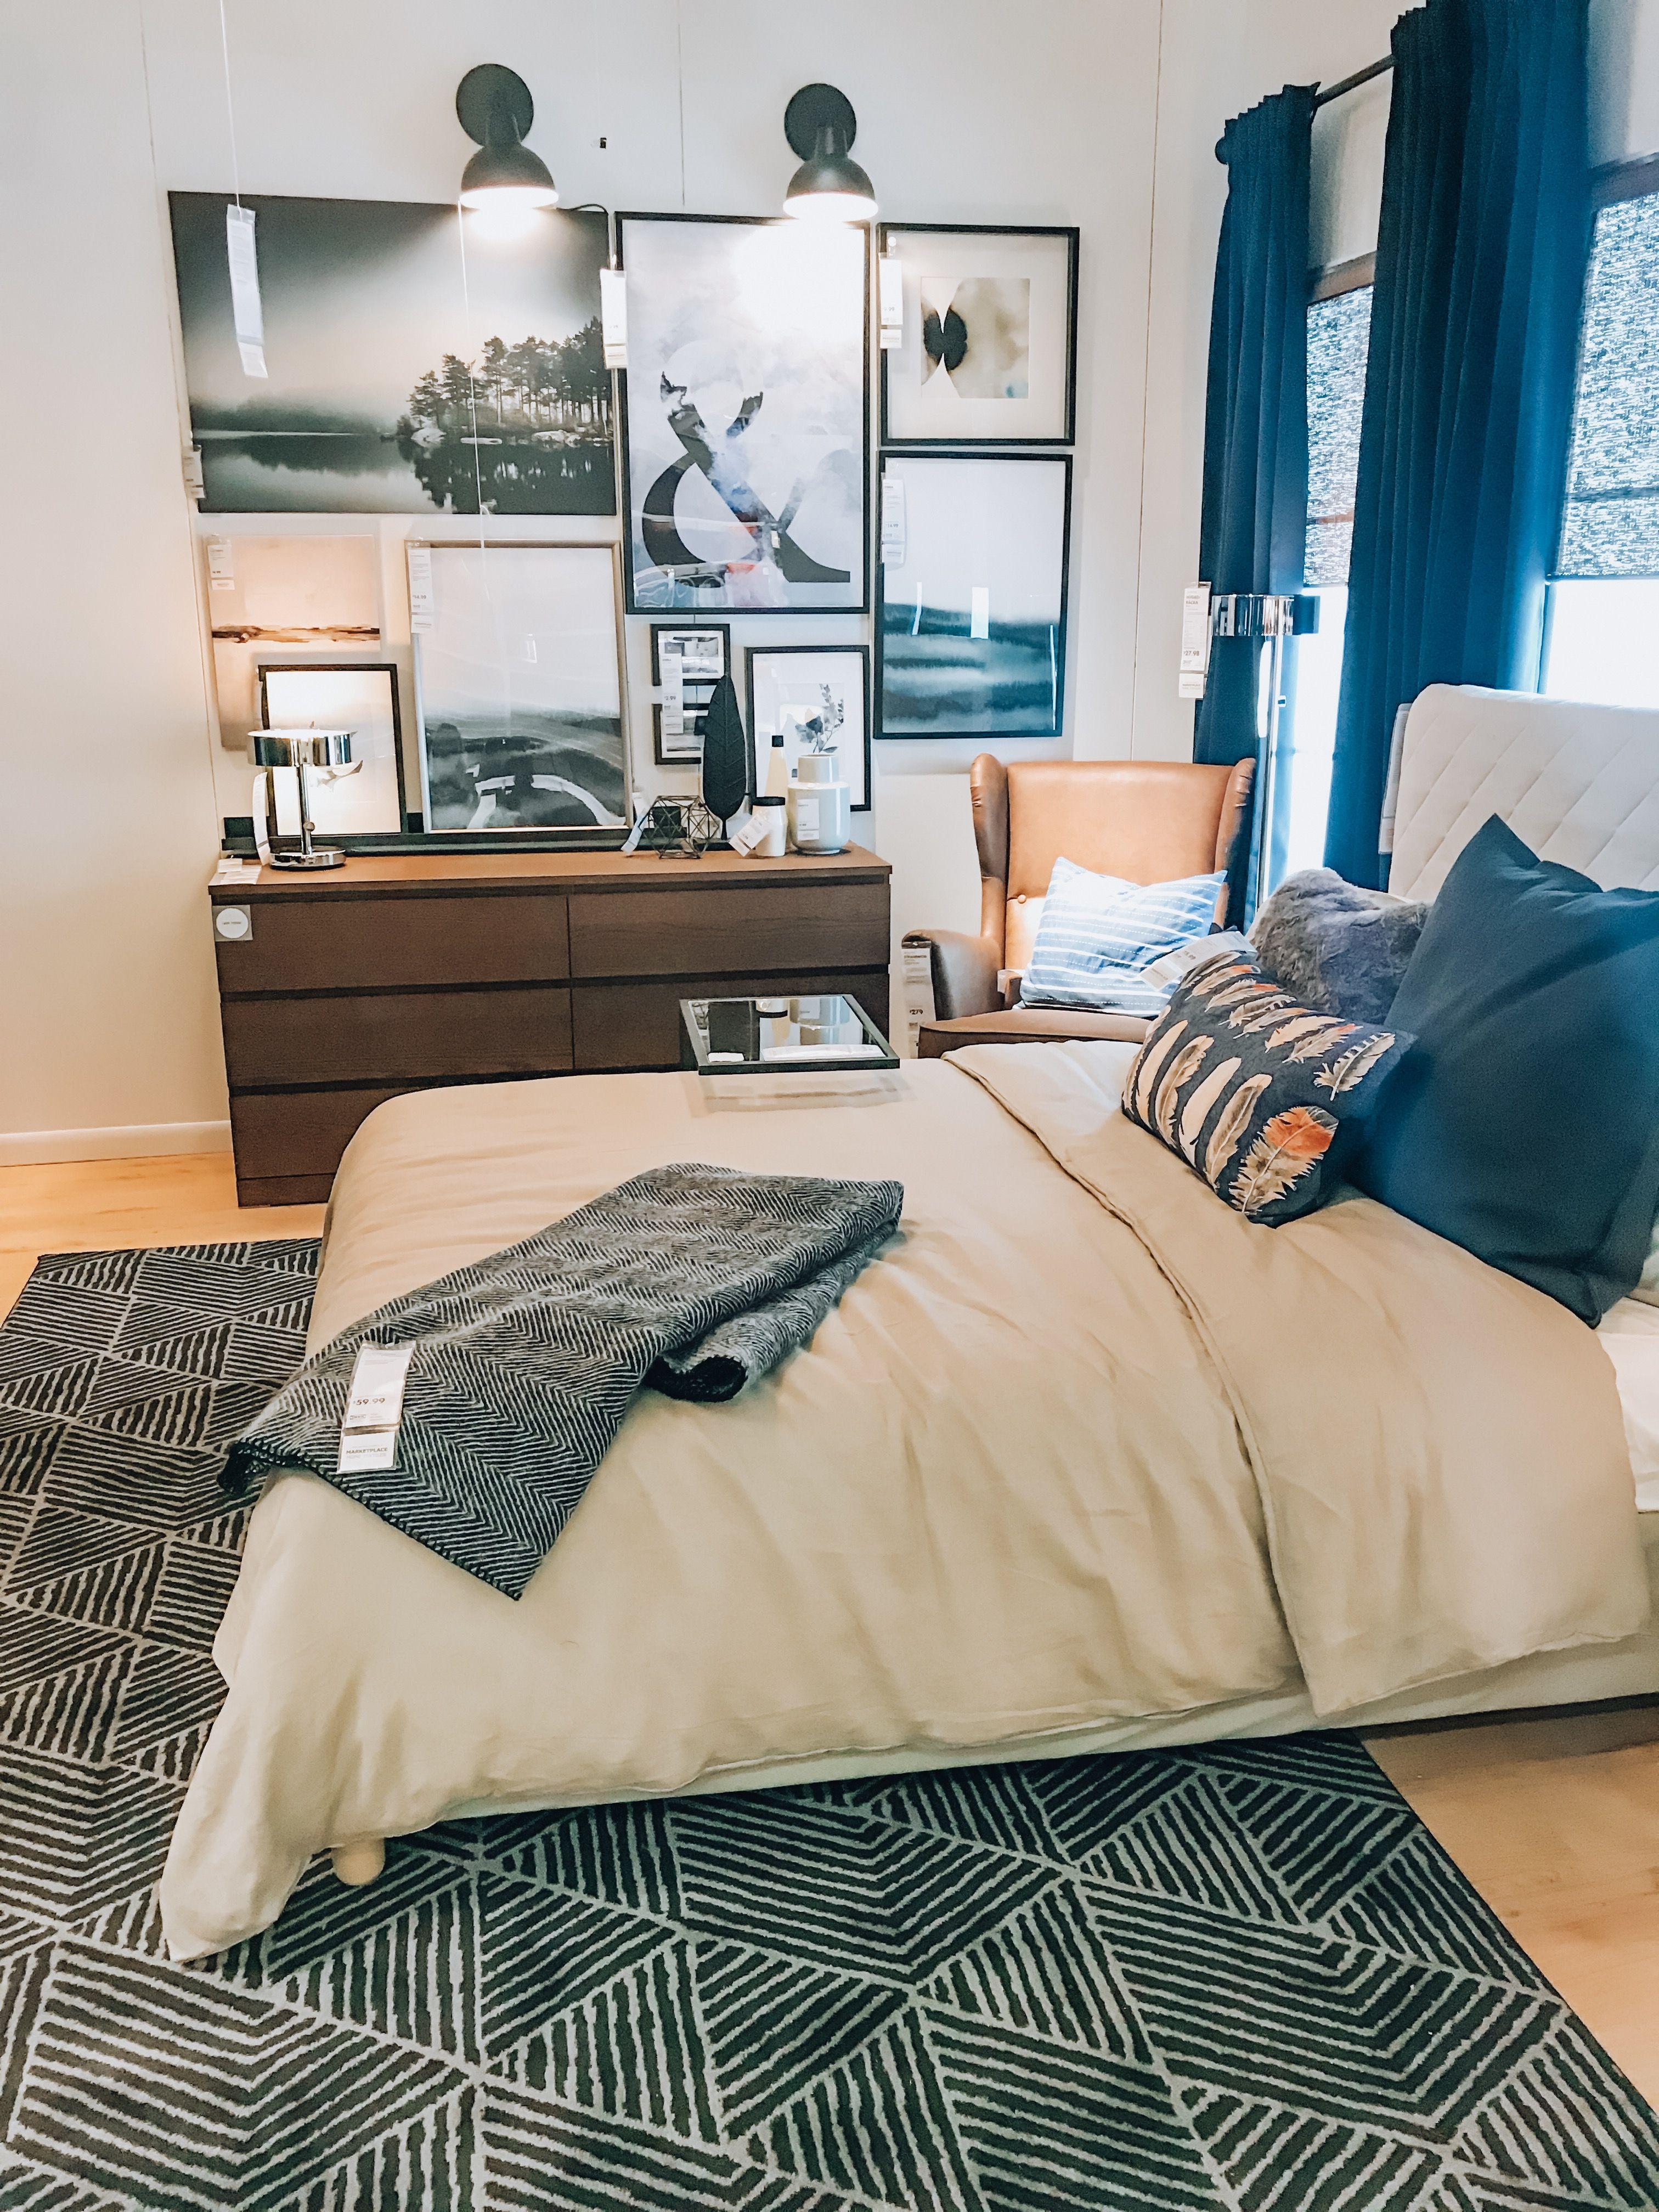 IKEA bedroom inspiration  College bedroom decor, Dorm room